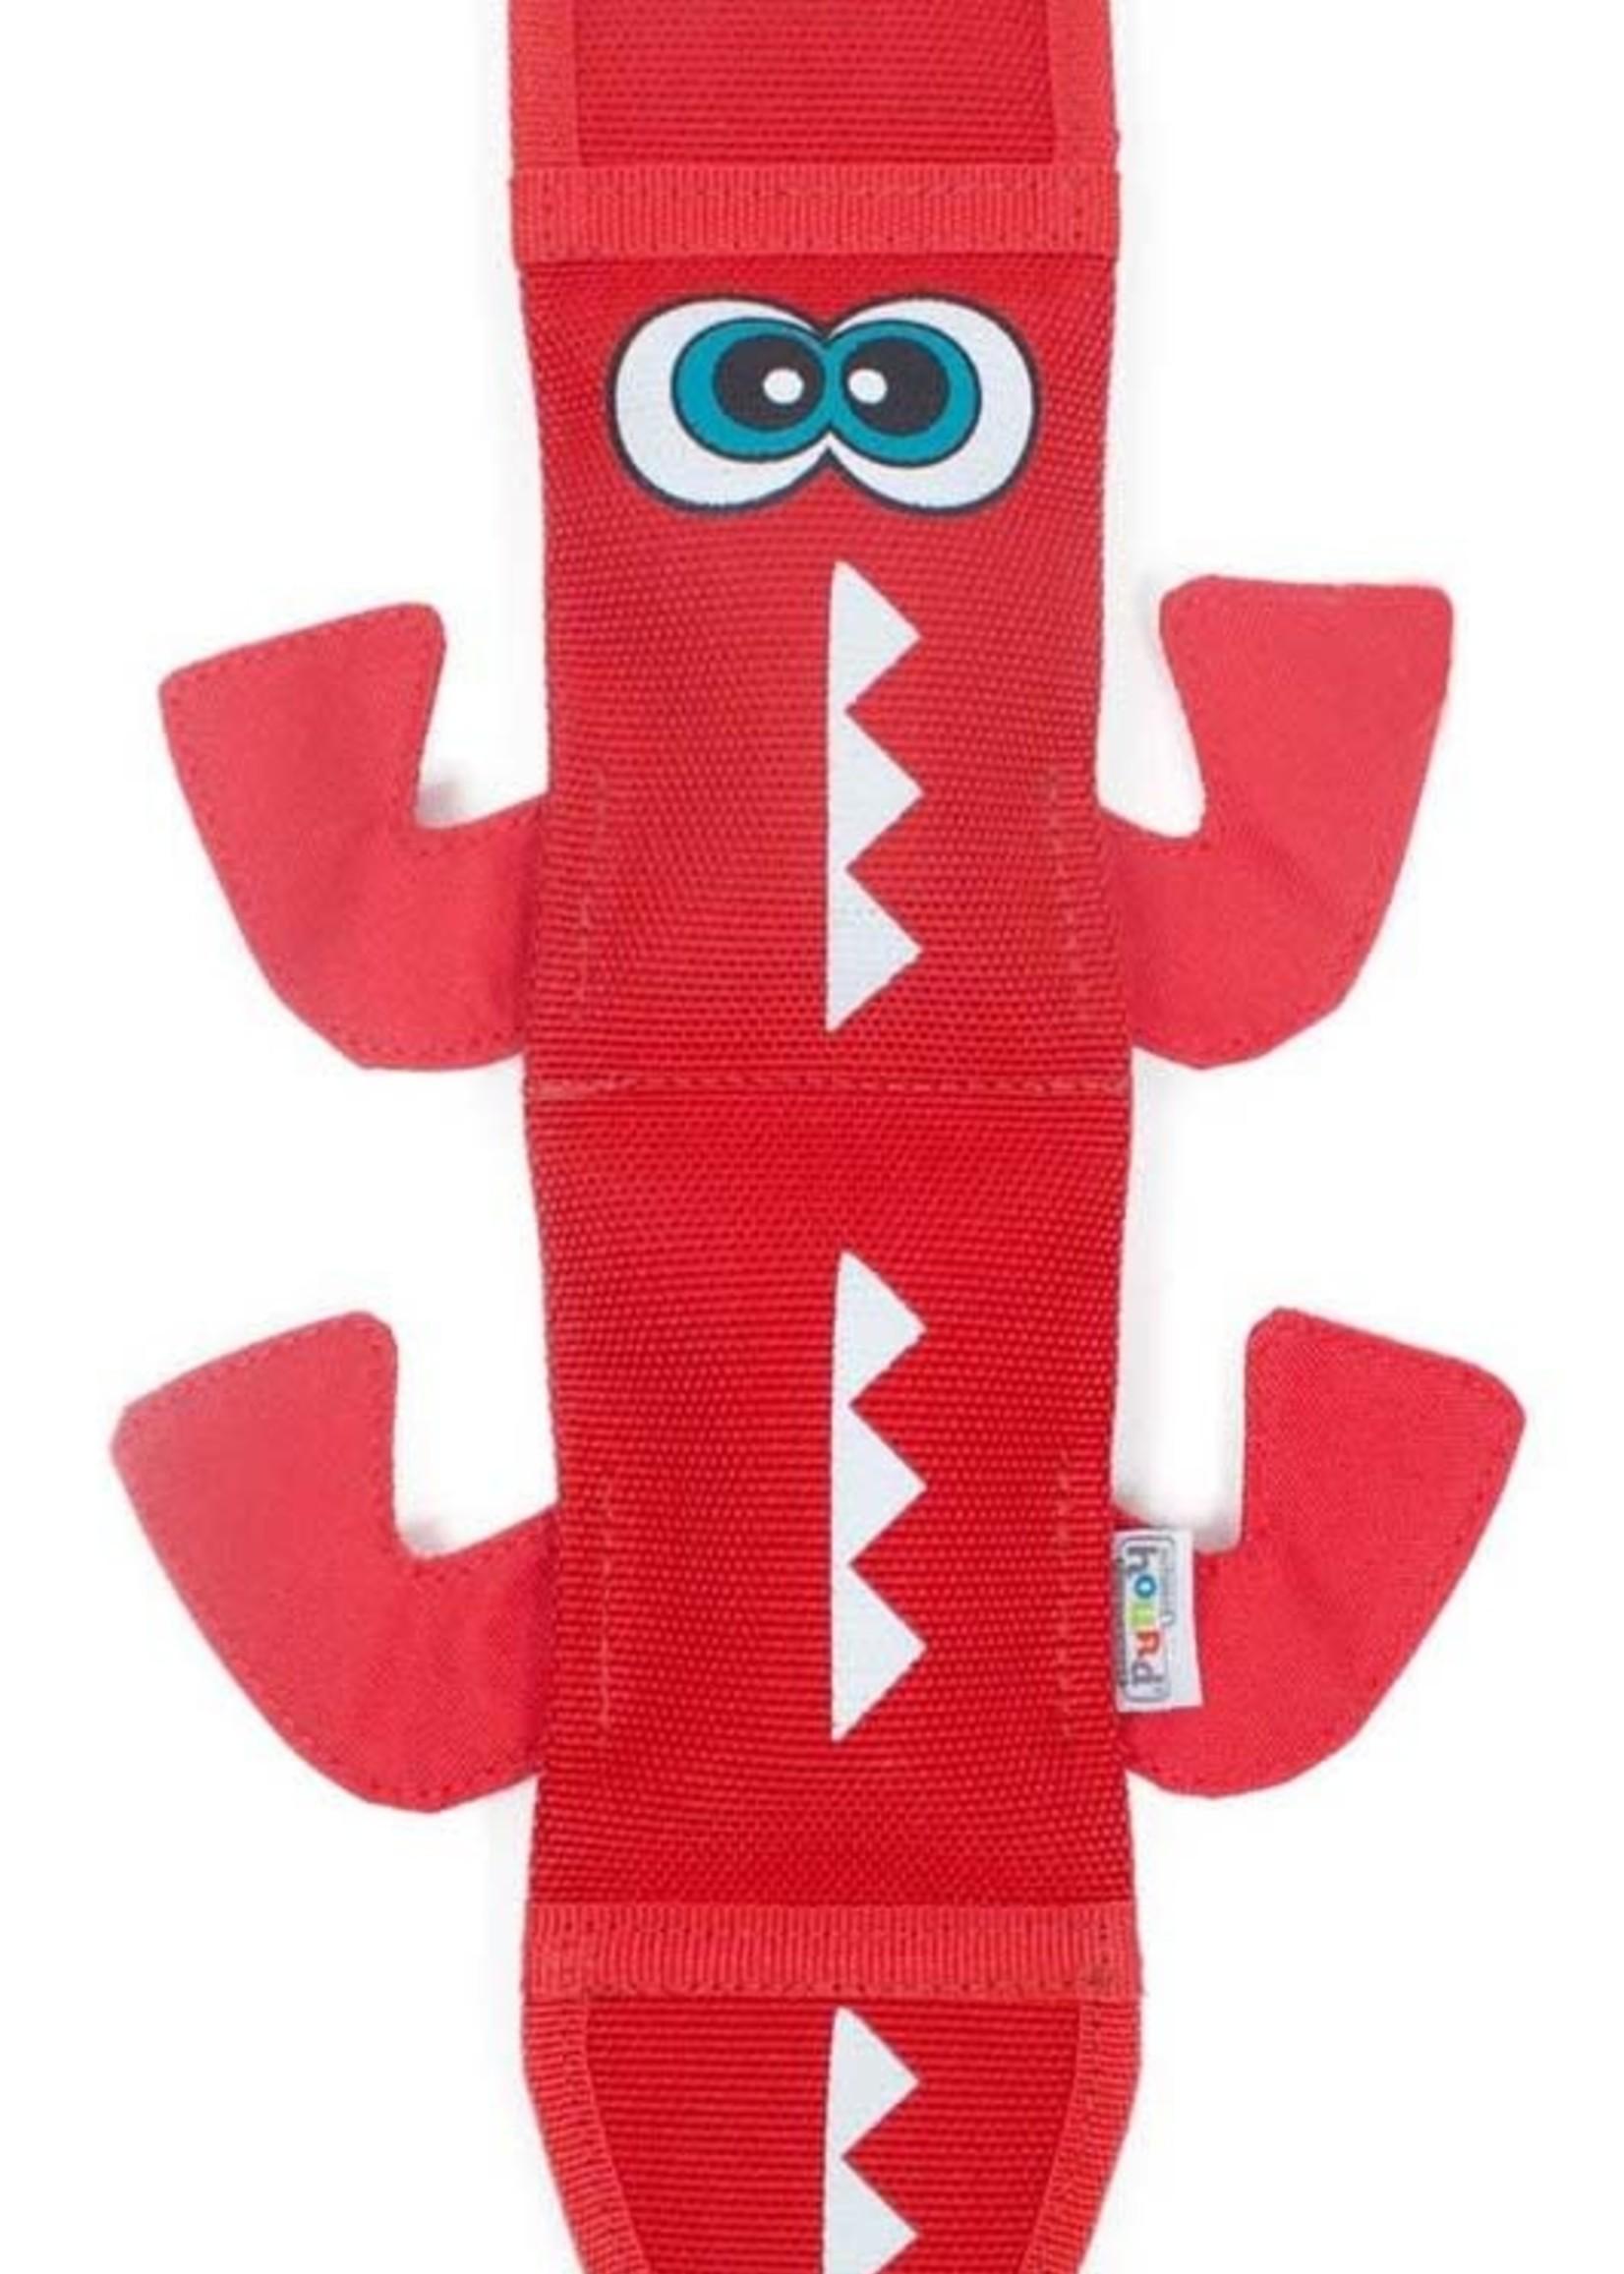 Outward Hound Outward Hound Fire Biterz Dragon 2 Squeakers Dog Toy Red